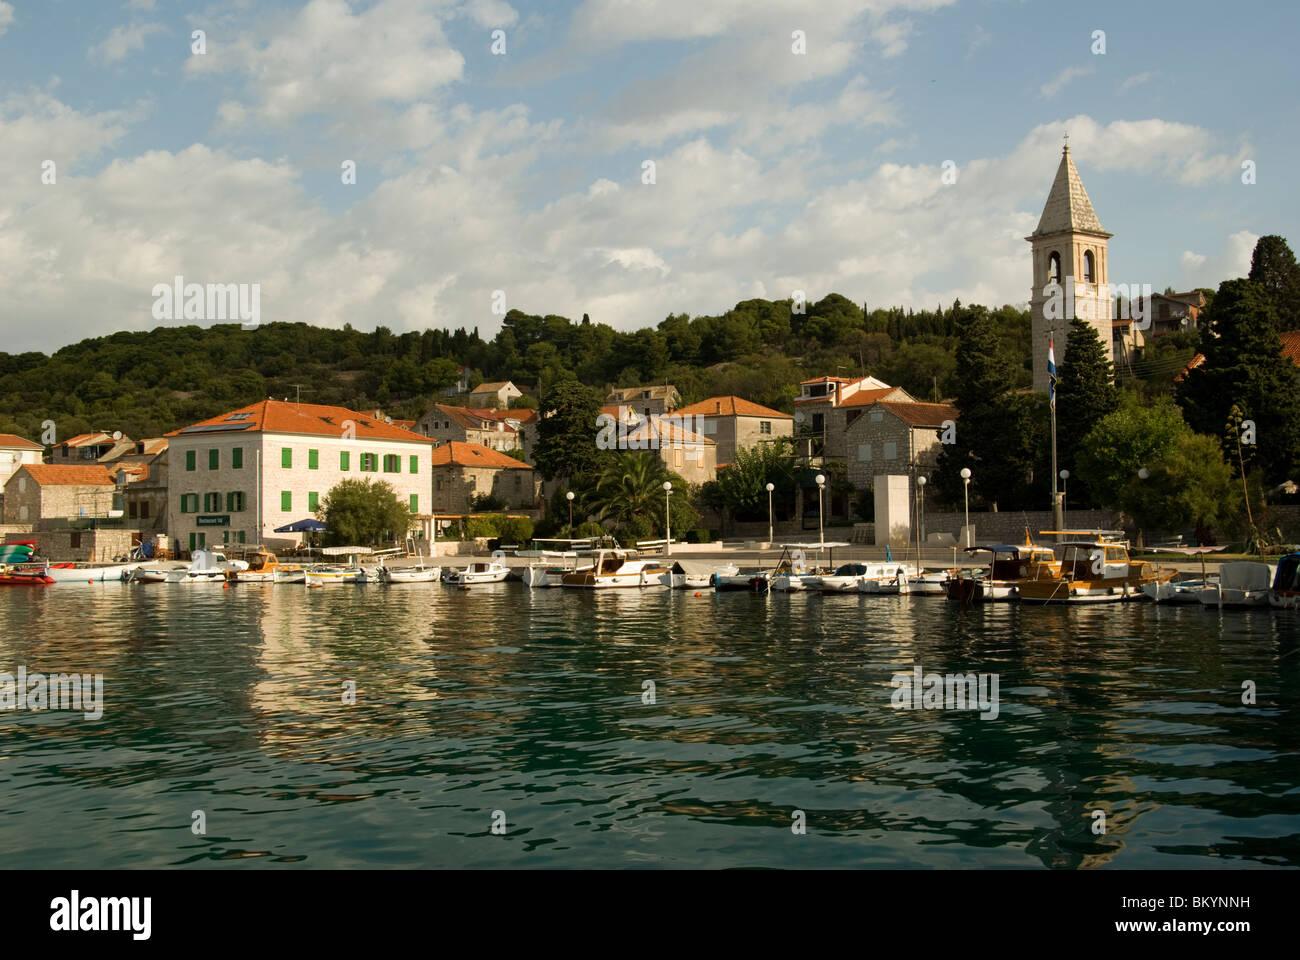 Kroatien; Hrvartska; Fernsehreihe; ?ibenik-Knin, Priv?, Priv?-Luka, Hafen, Kirche Hotel, kleine Fische Häuser Stockbild